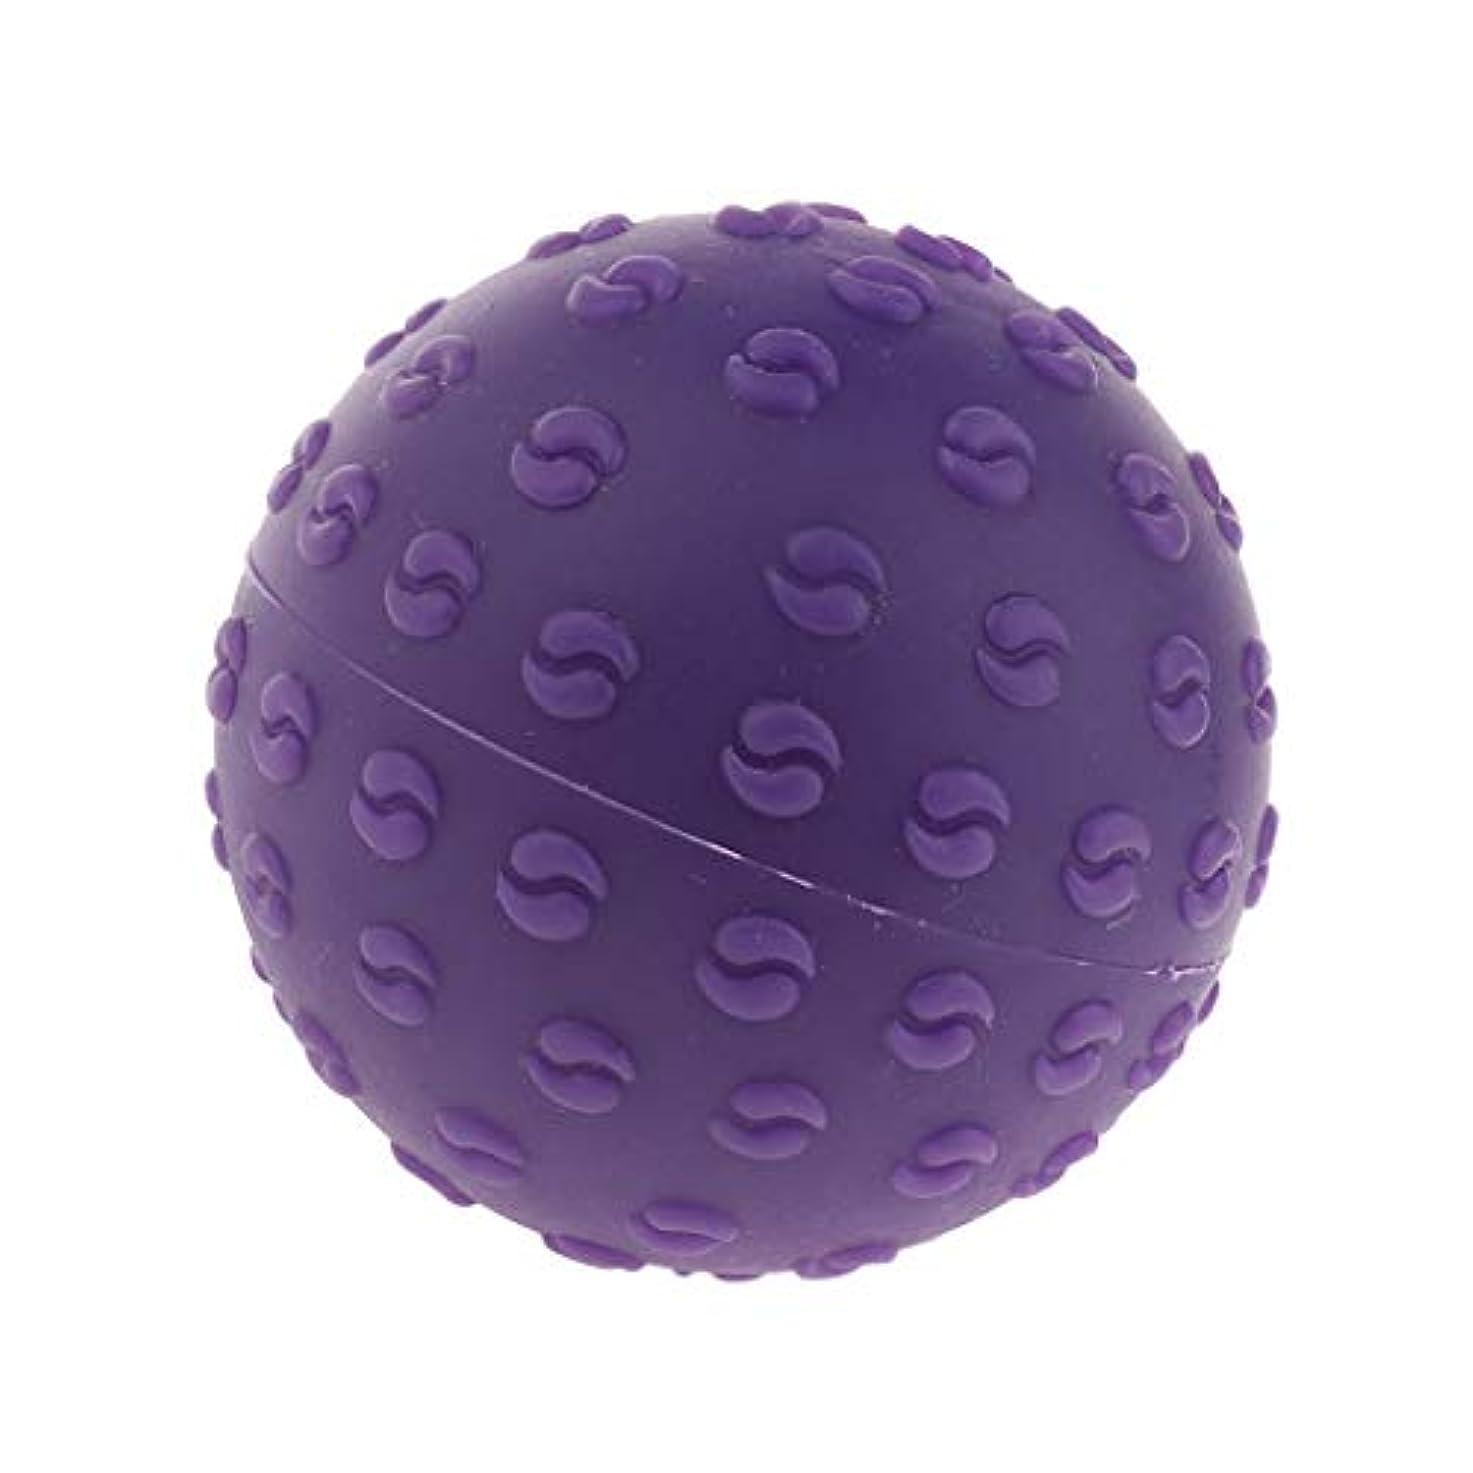 火星すごい面倒Perfeclan 全6色 マッサージボール 指圧ボール シリコーン トリガーポイント 足底筋膜炎 ヨガ 耐油性 快適 - 紫, 説明のとおり